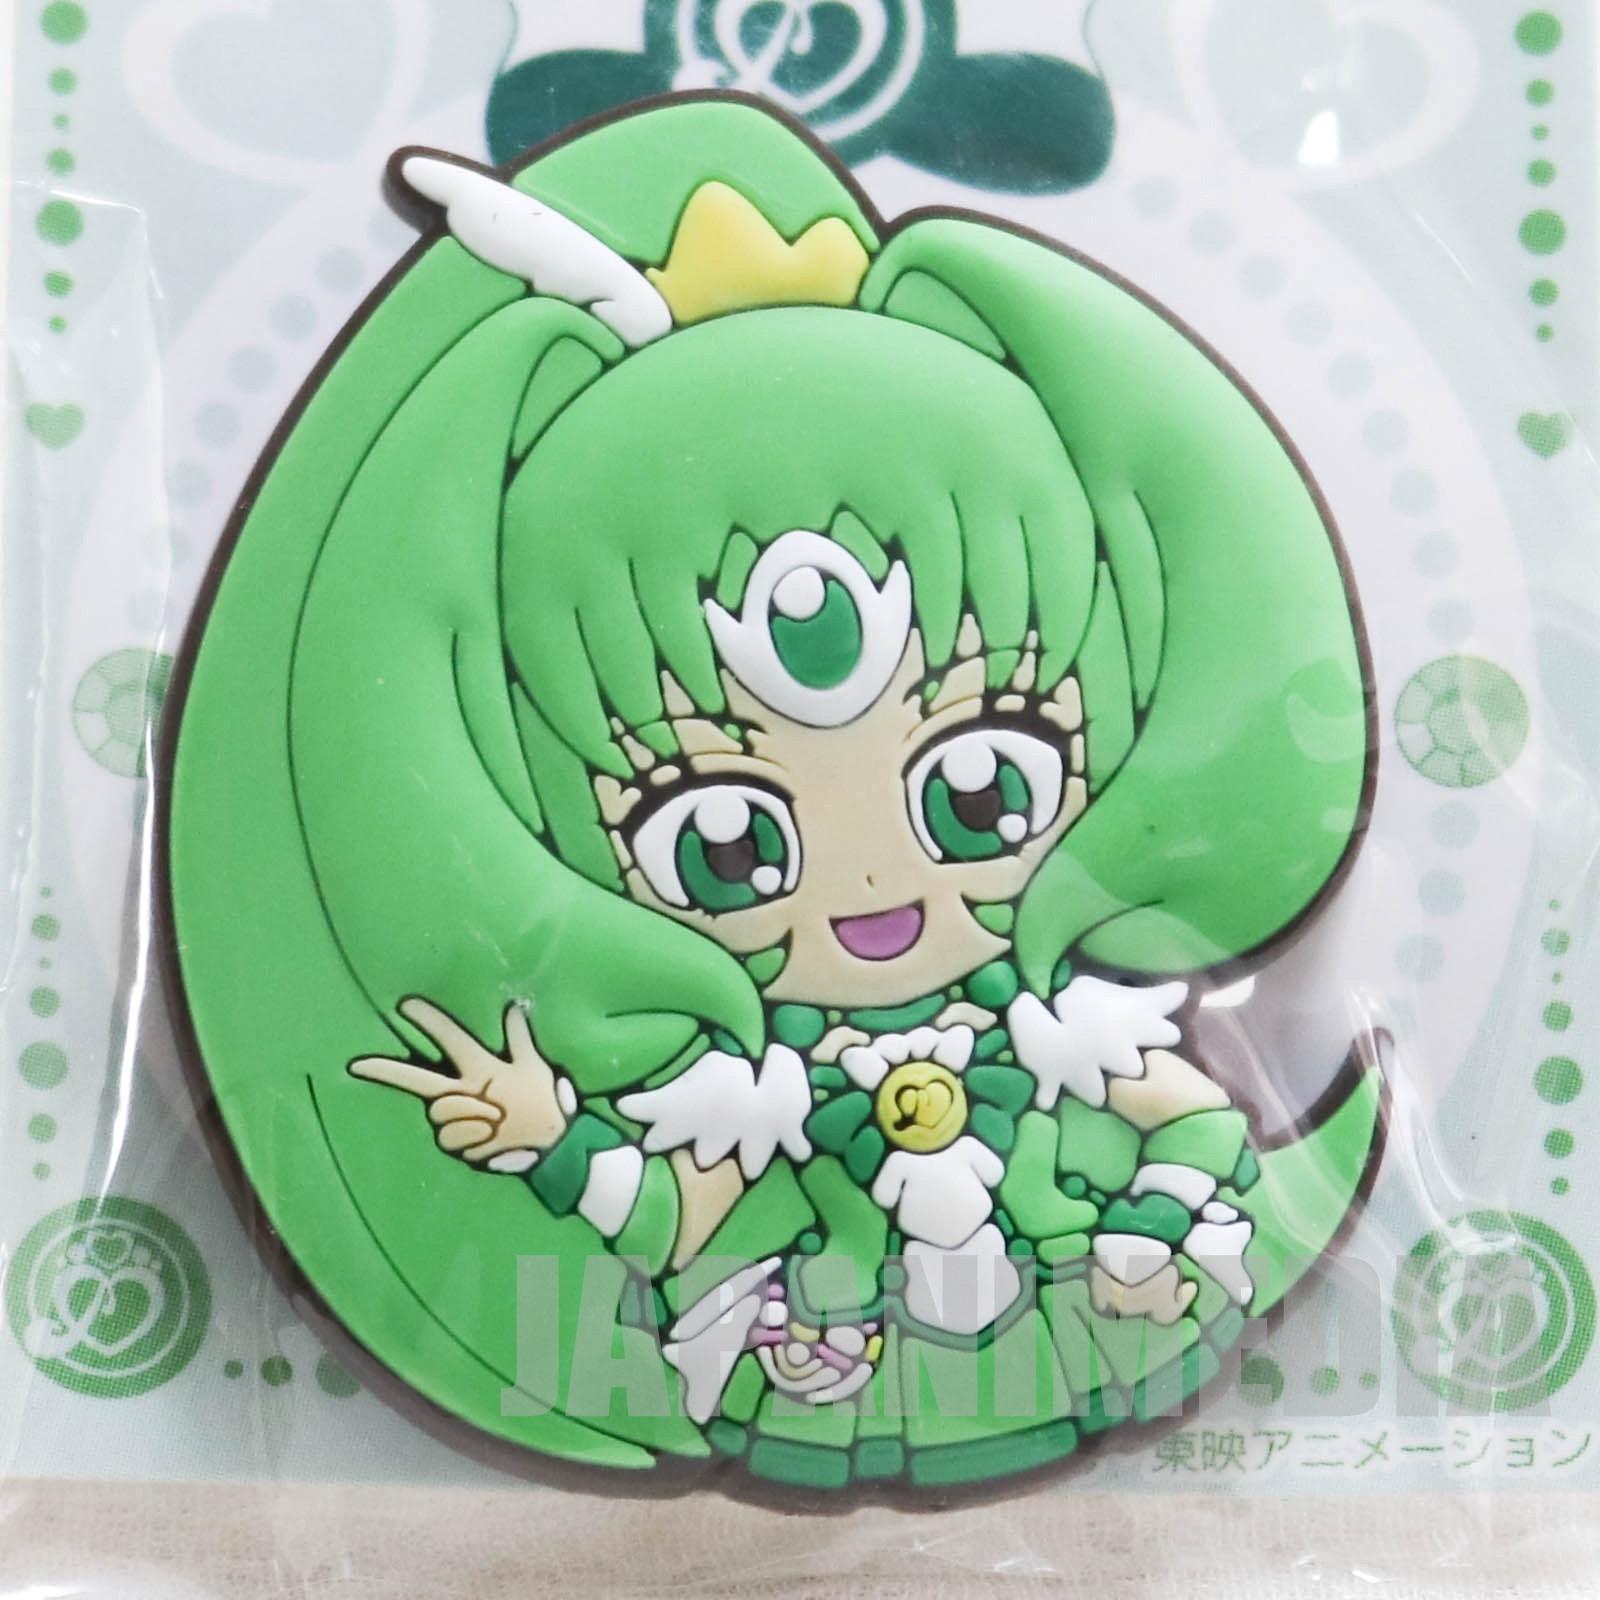 Smile PreCure! Cure March Die cut rubber clip JAPAN ANIME